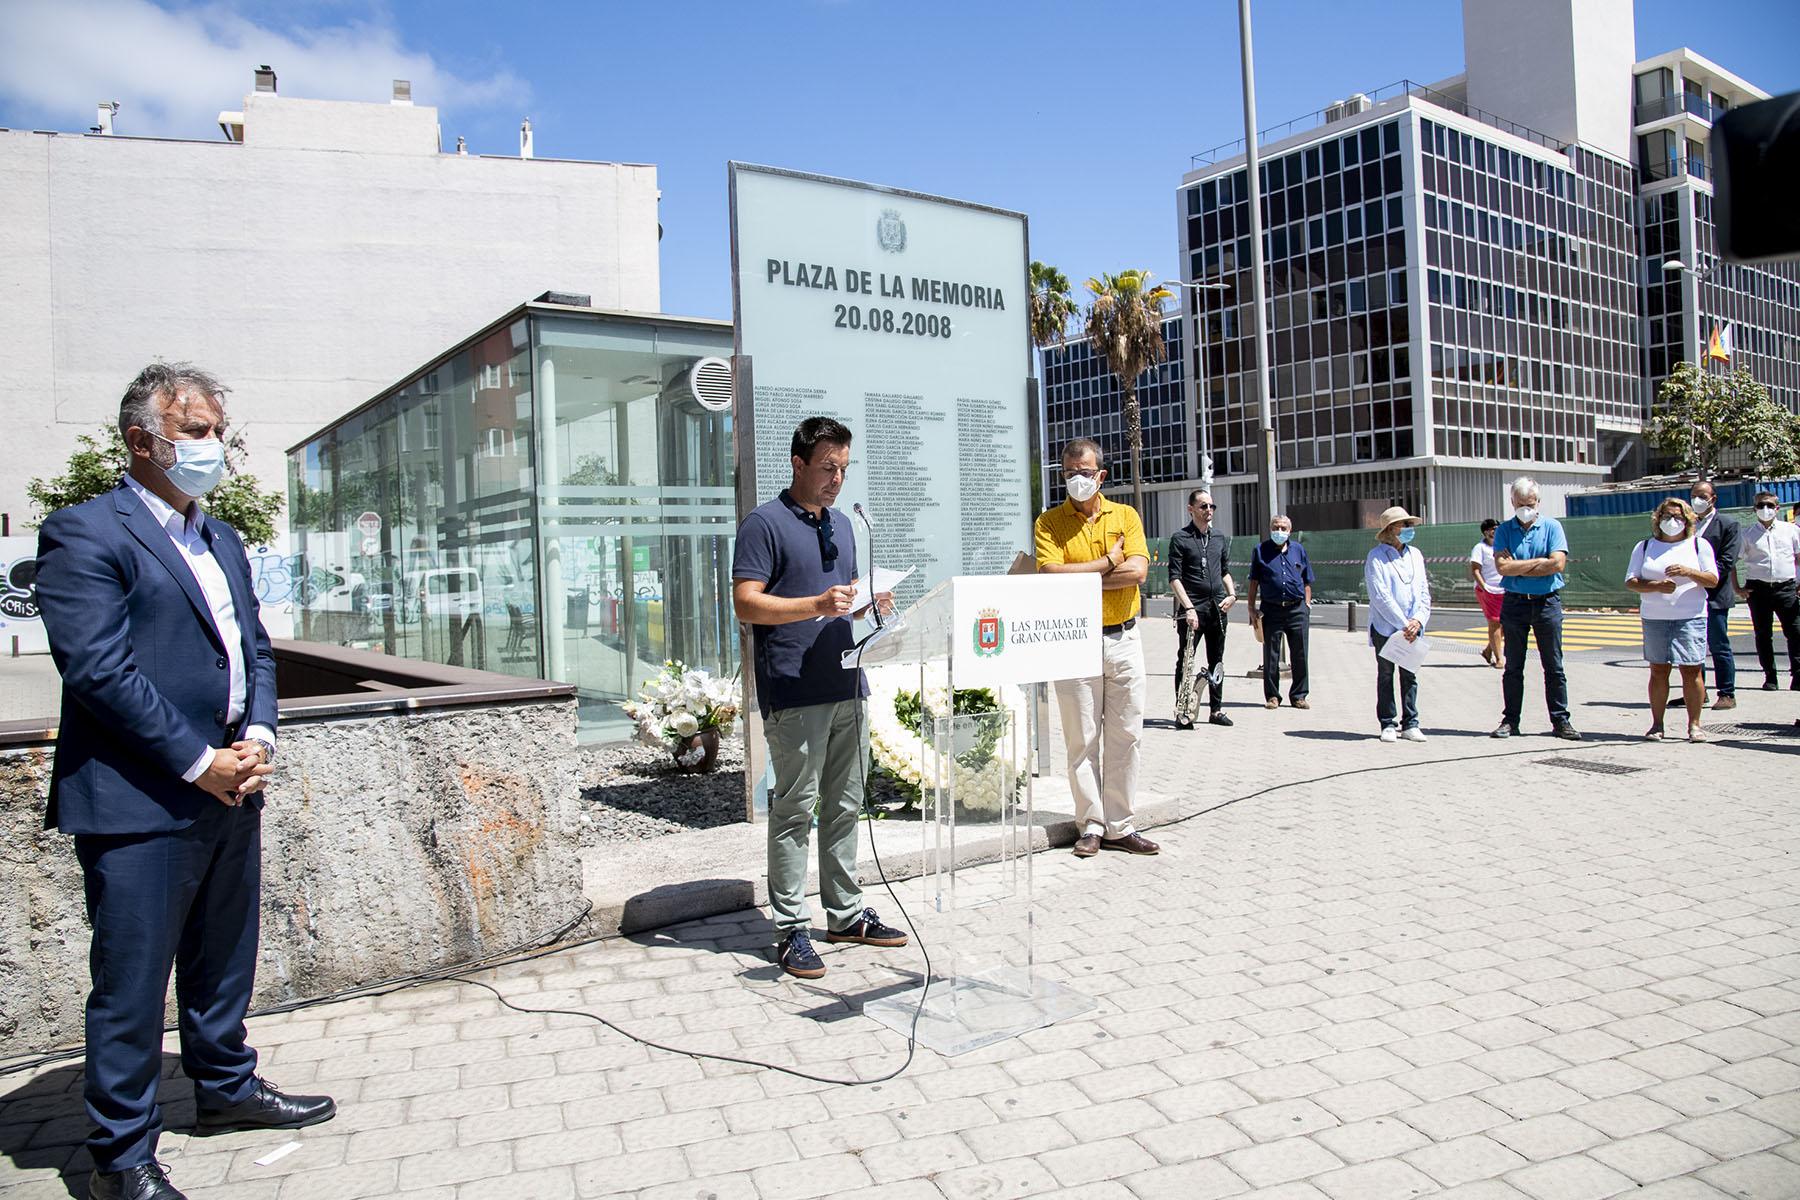 Acto de homenaje a las víctimas del accidente de Spanair